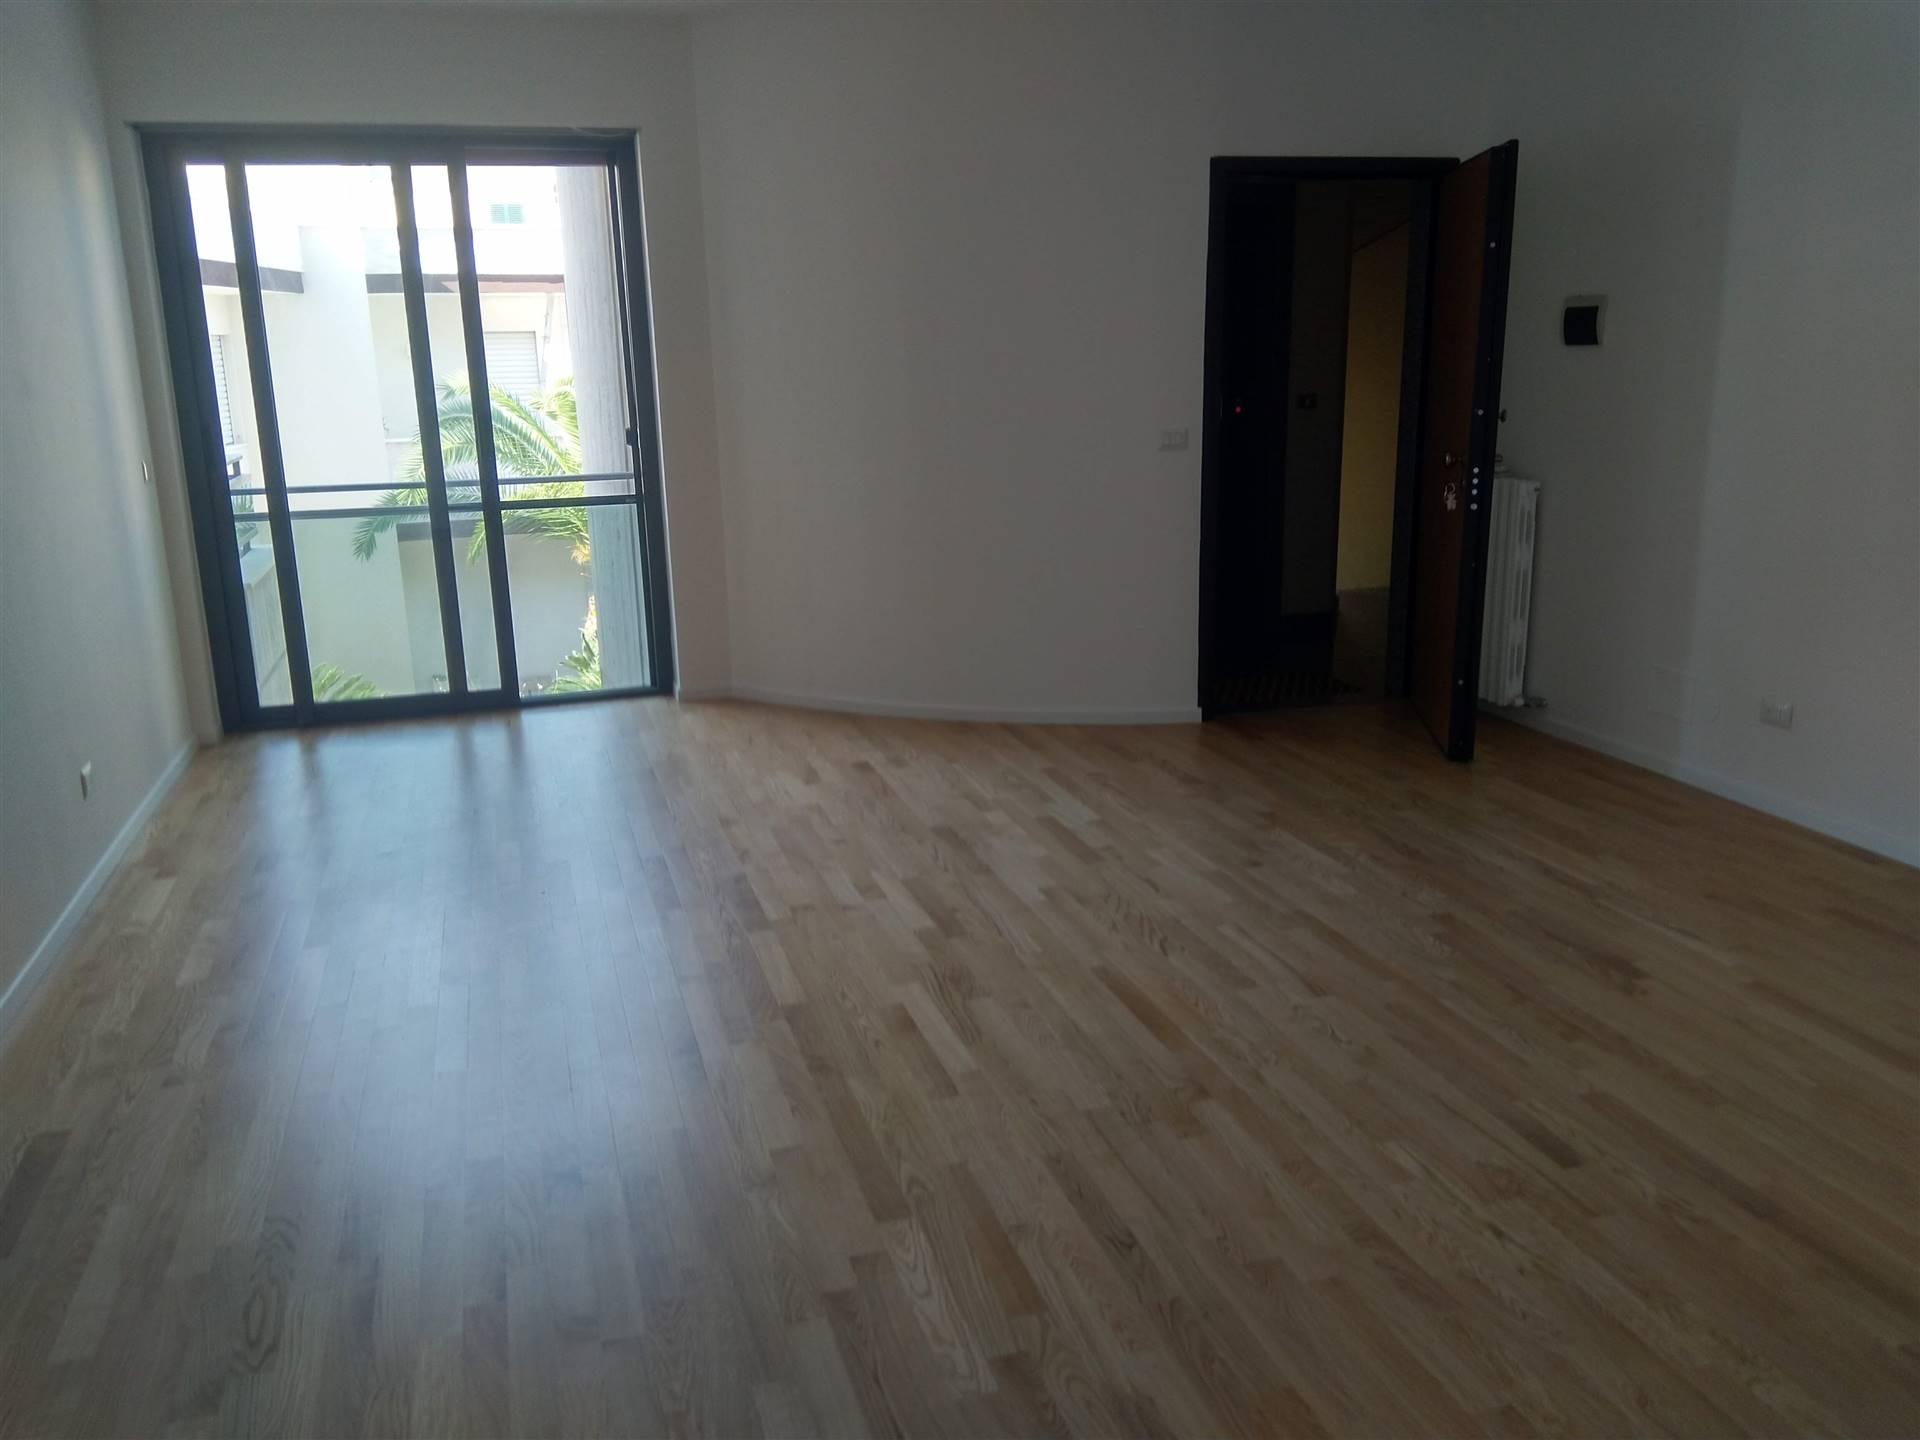 Appartamento in vendita a Brindisi, 5 locali, zona le, prezzo € 225.000 | PortaleAgenzieImmobiliari.it